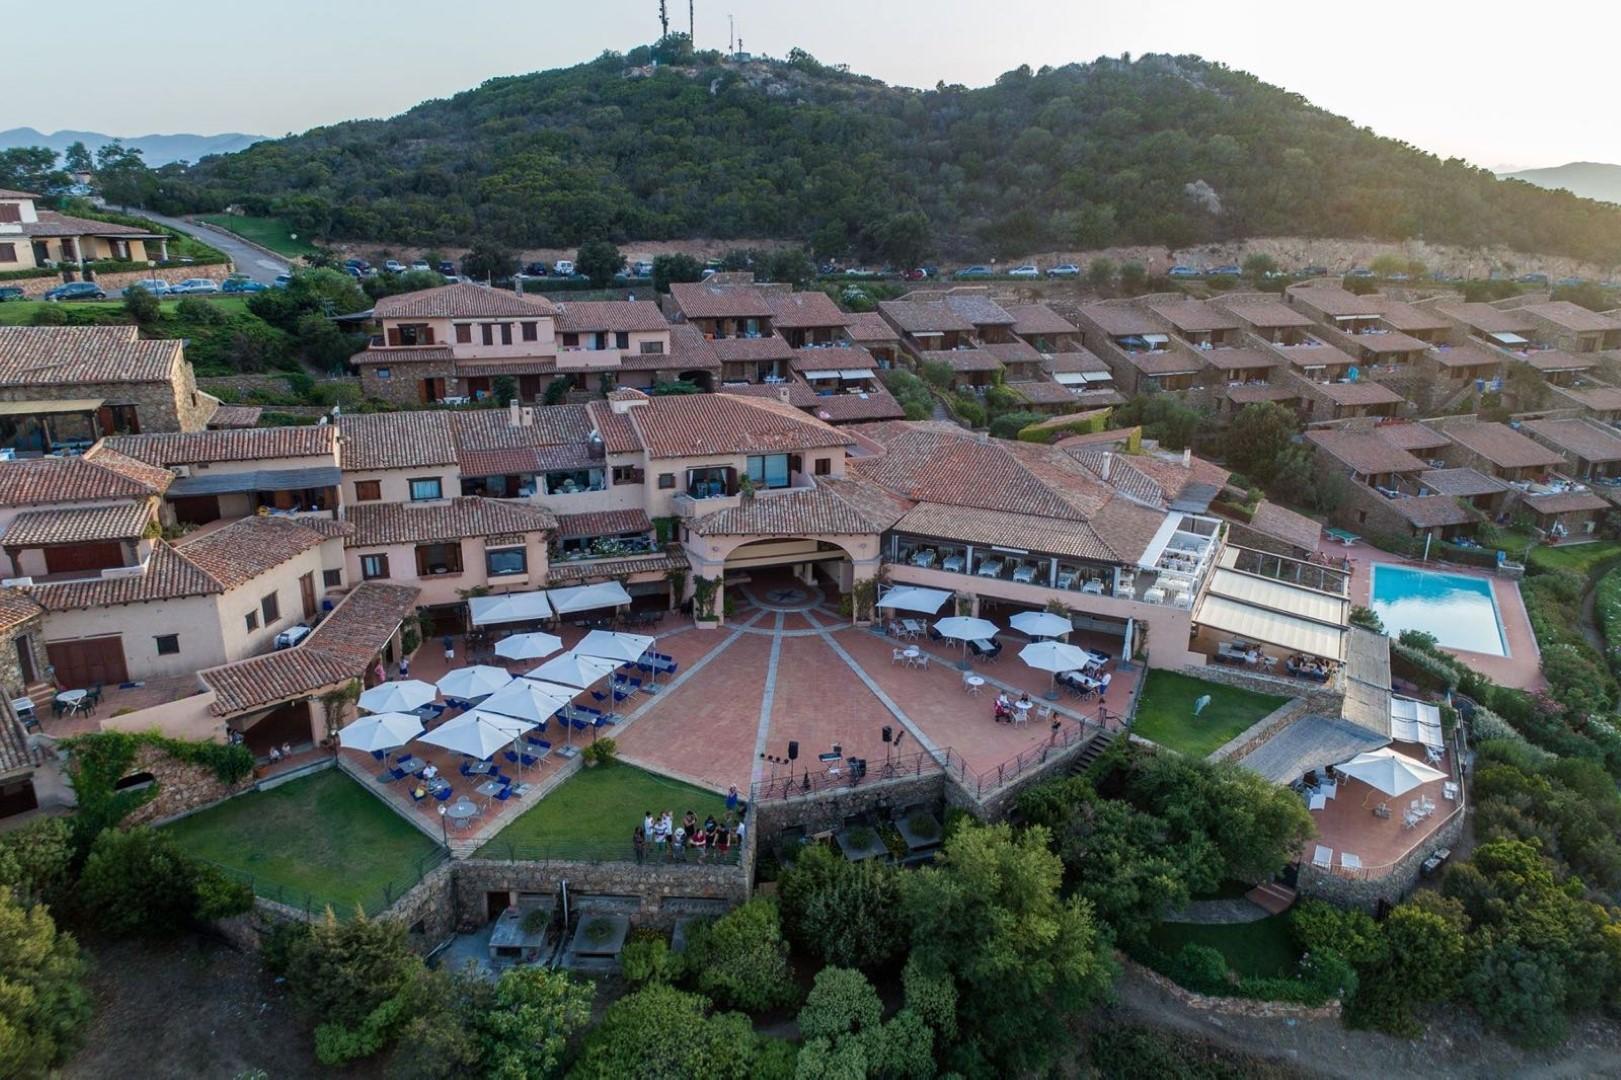 Casa Smeralda - Coda Cavallo Resort (noordoosten) 21